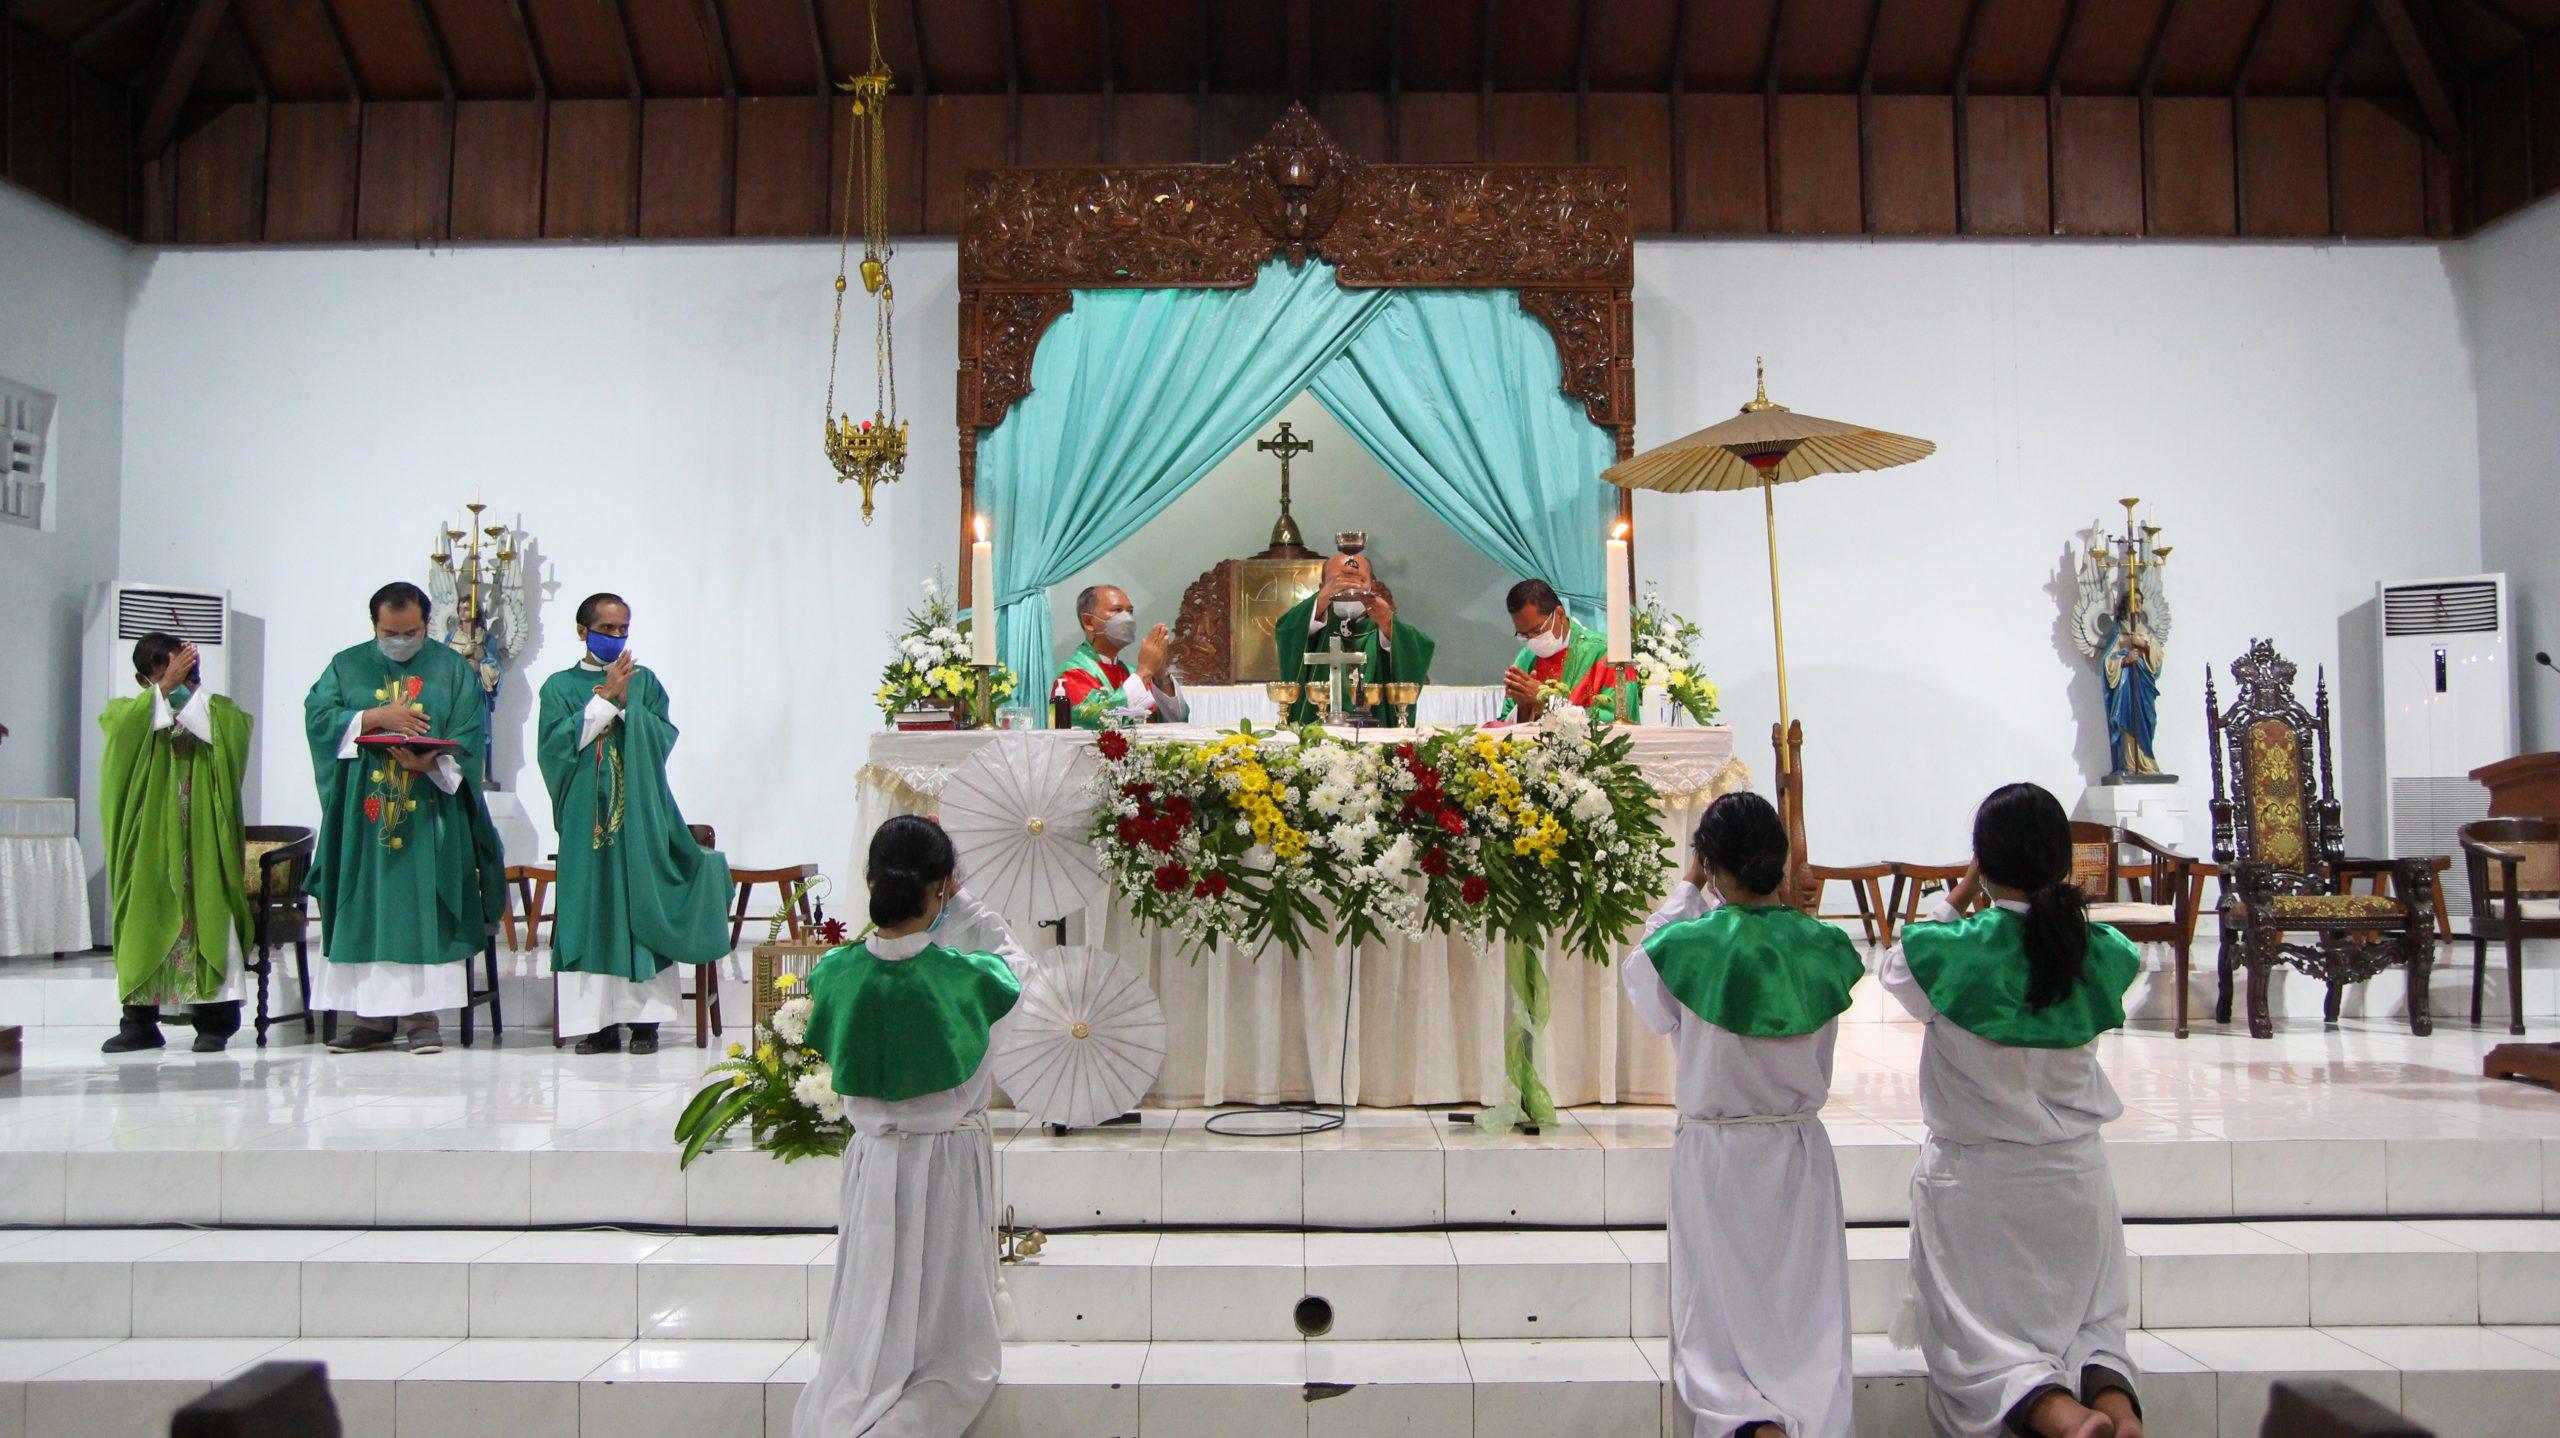 romo-paroki-pugeran-dalam-liturgi-ekaristi